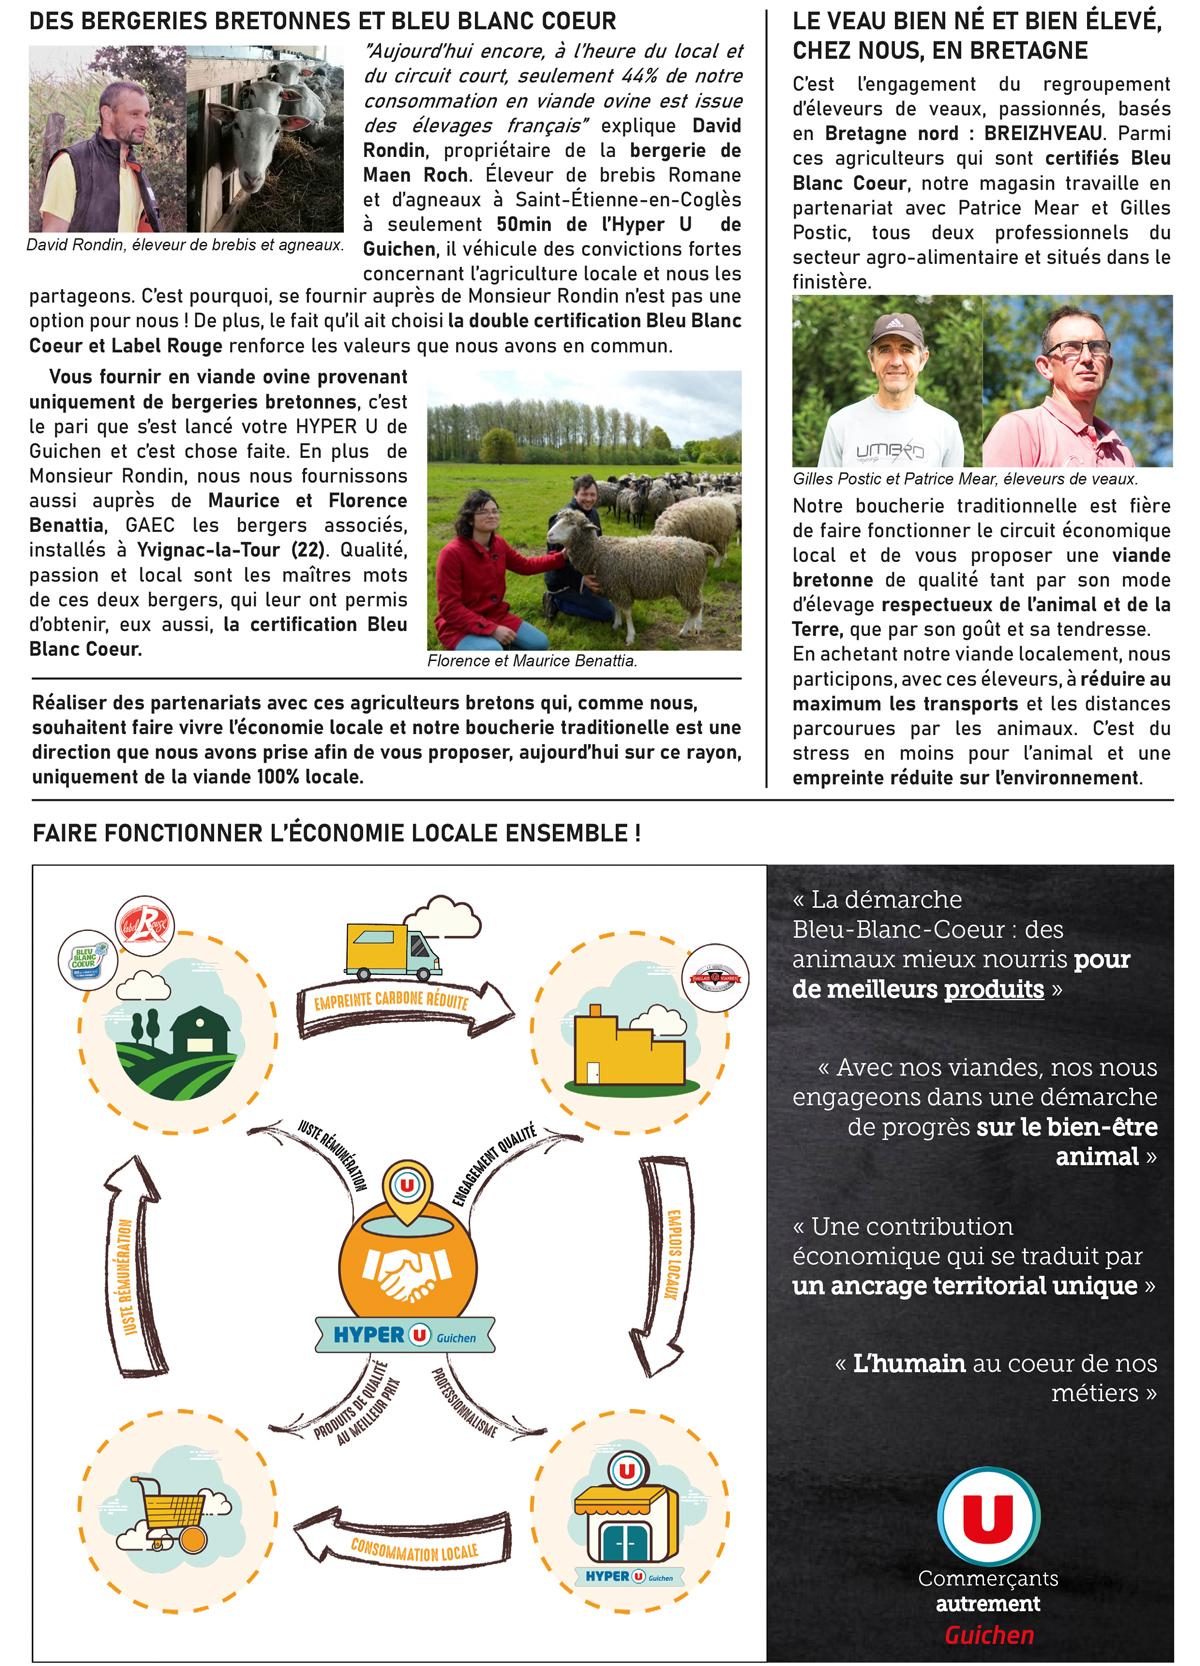 BreizhVeau publication HyperU Guichen - producteurs locaux - janvier 2021 page 2